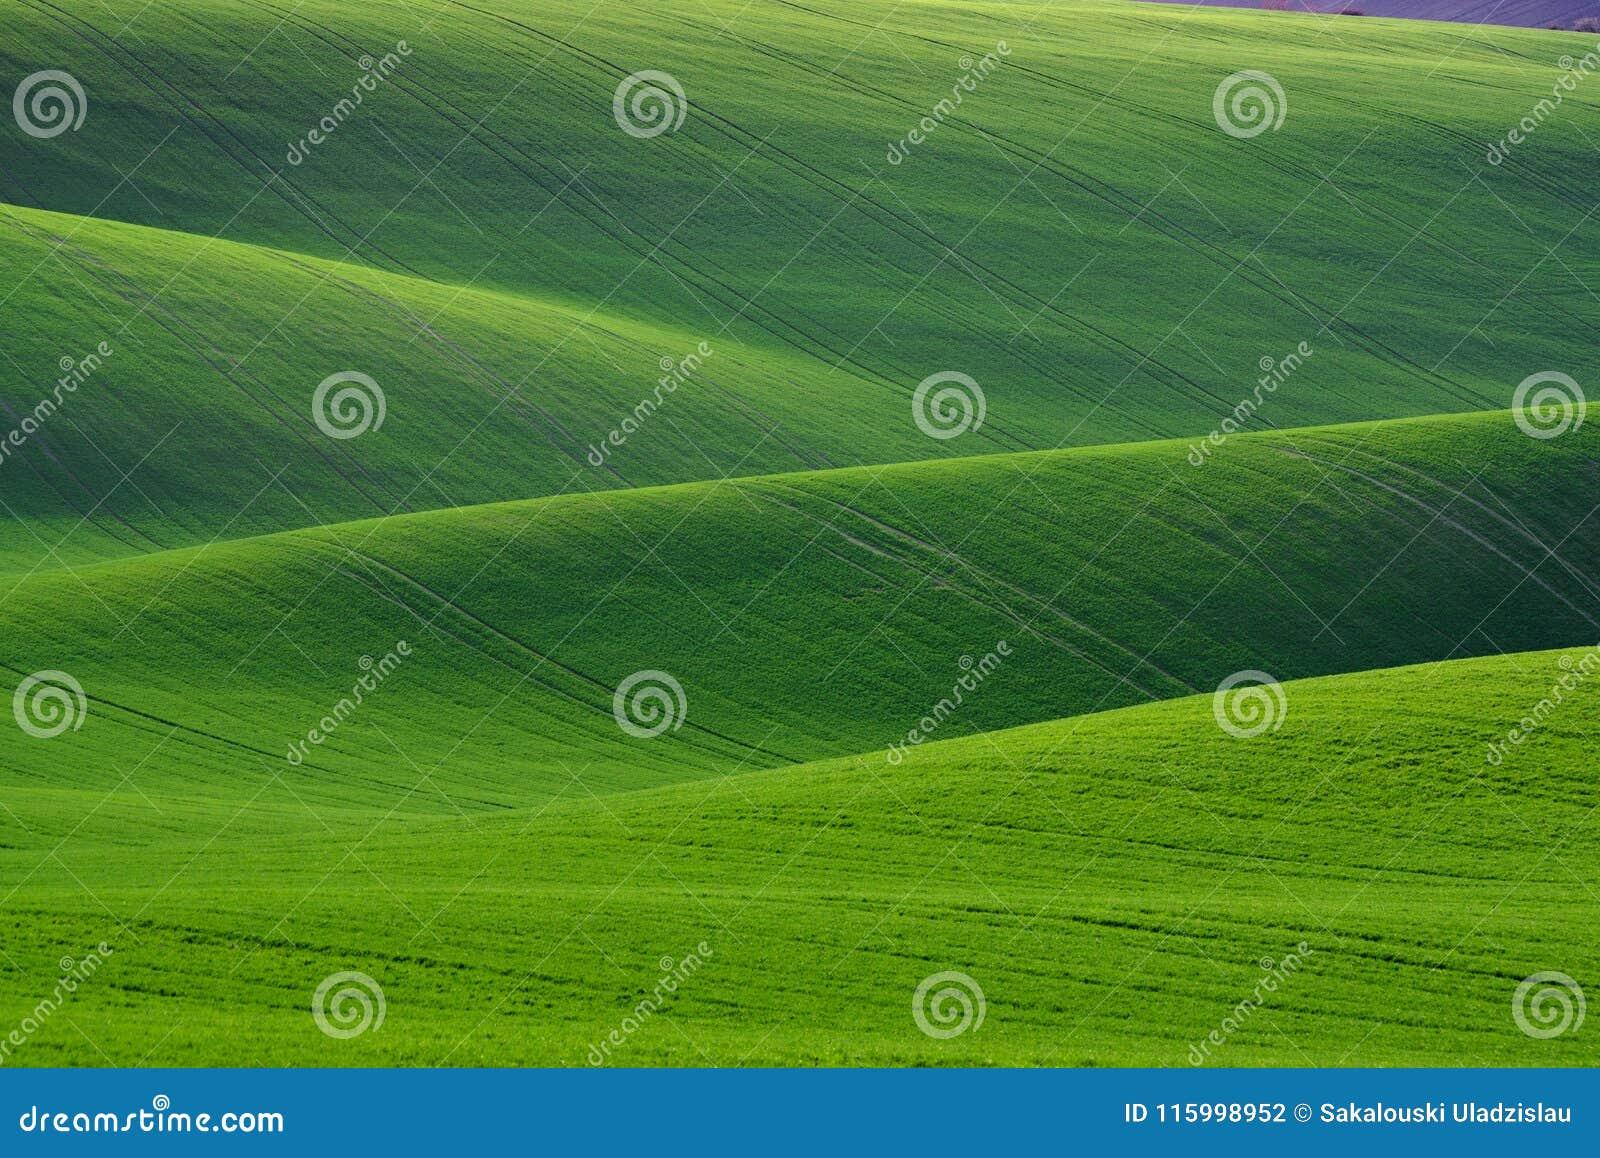 Μεγάλο φυσικό πράσινο υπόβαθρο Άνοιξη που κυλά τους πράσινους λόφους με τους τομείς του σίτου Καταπληκτικό τοπίο ανοίξεων Minimal